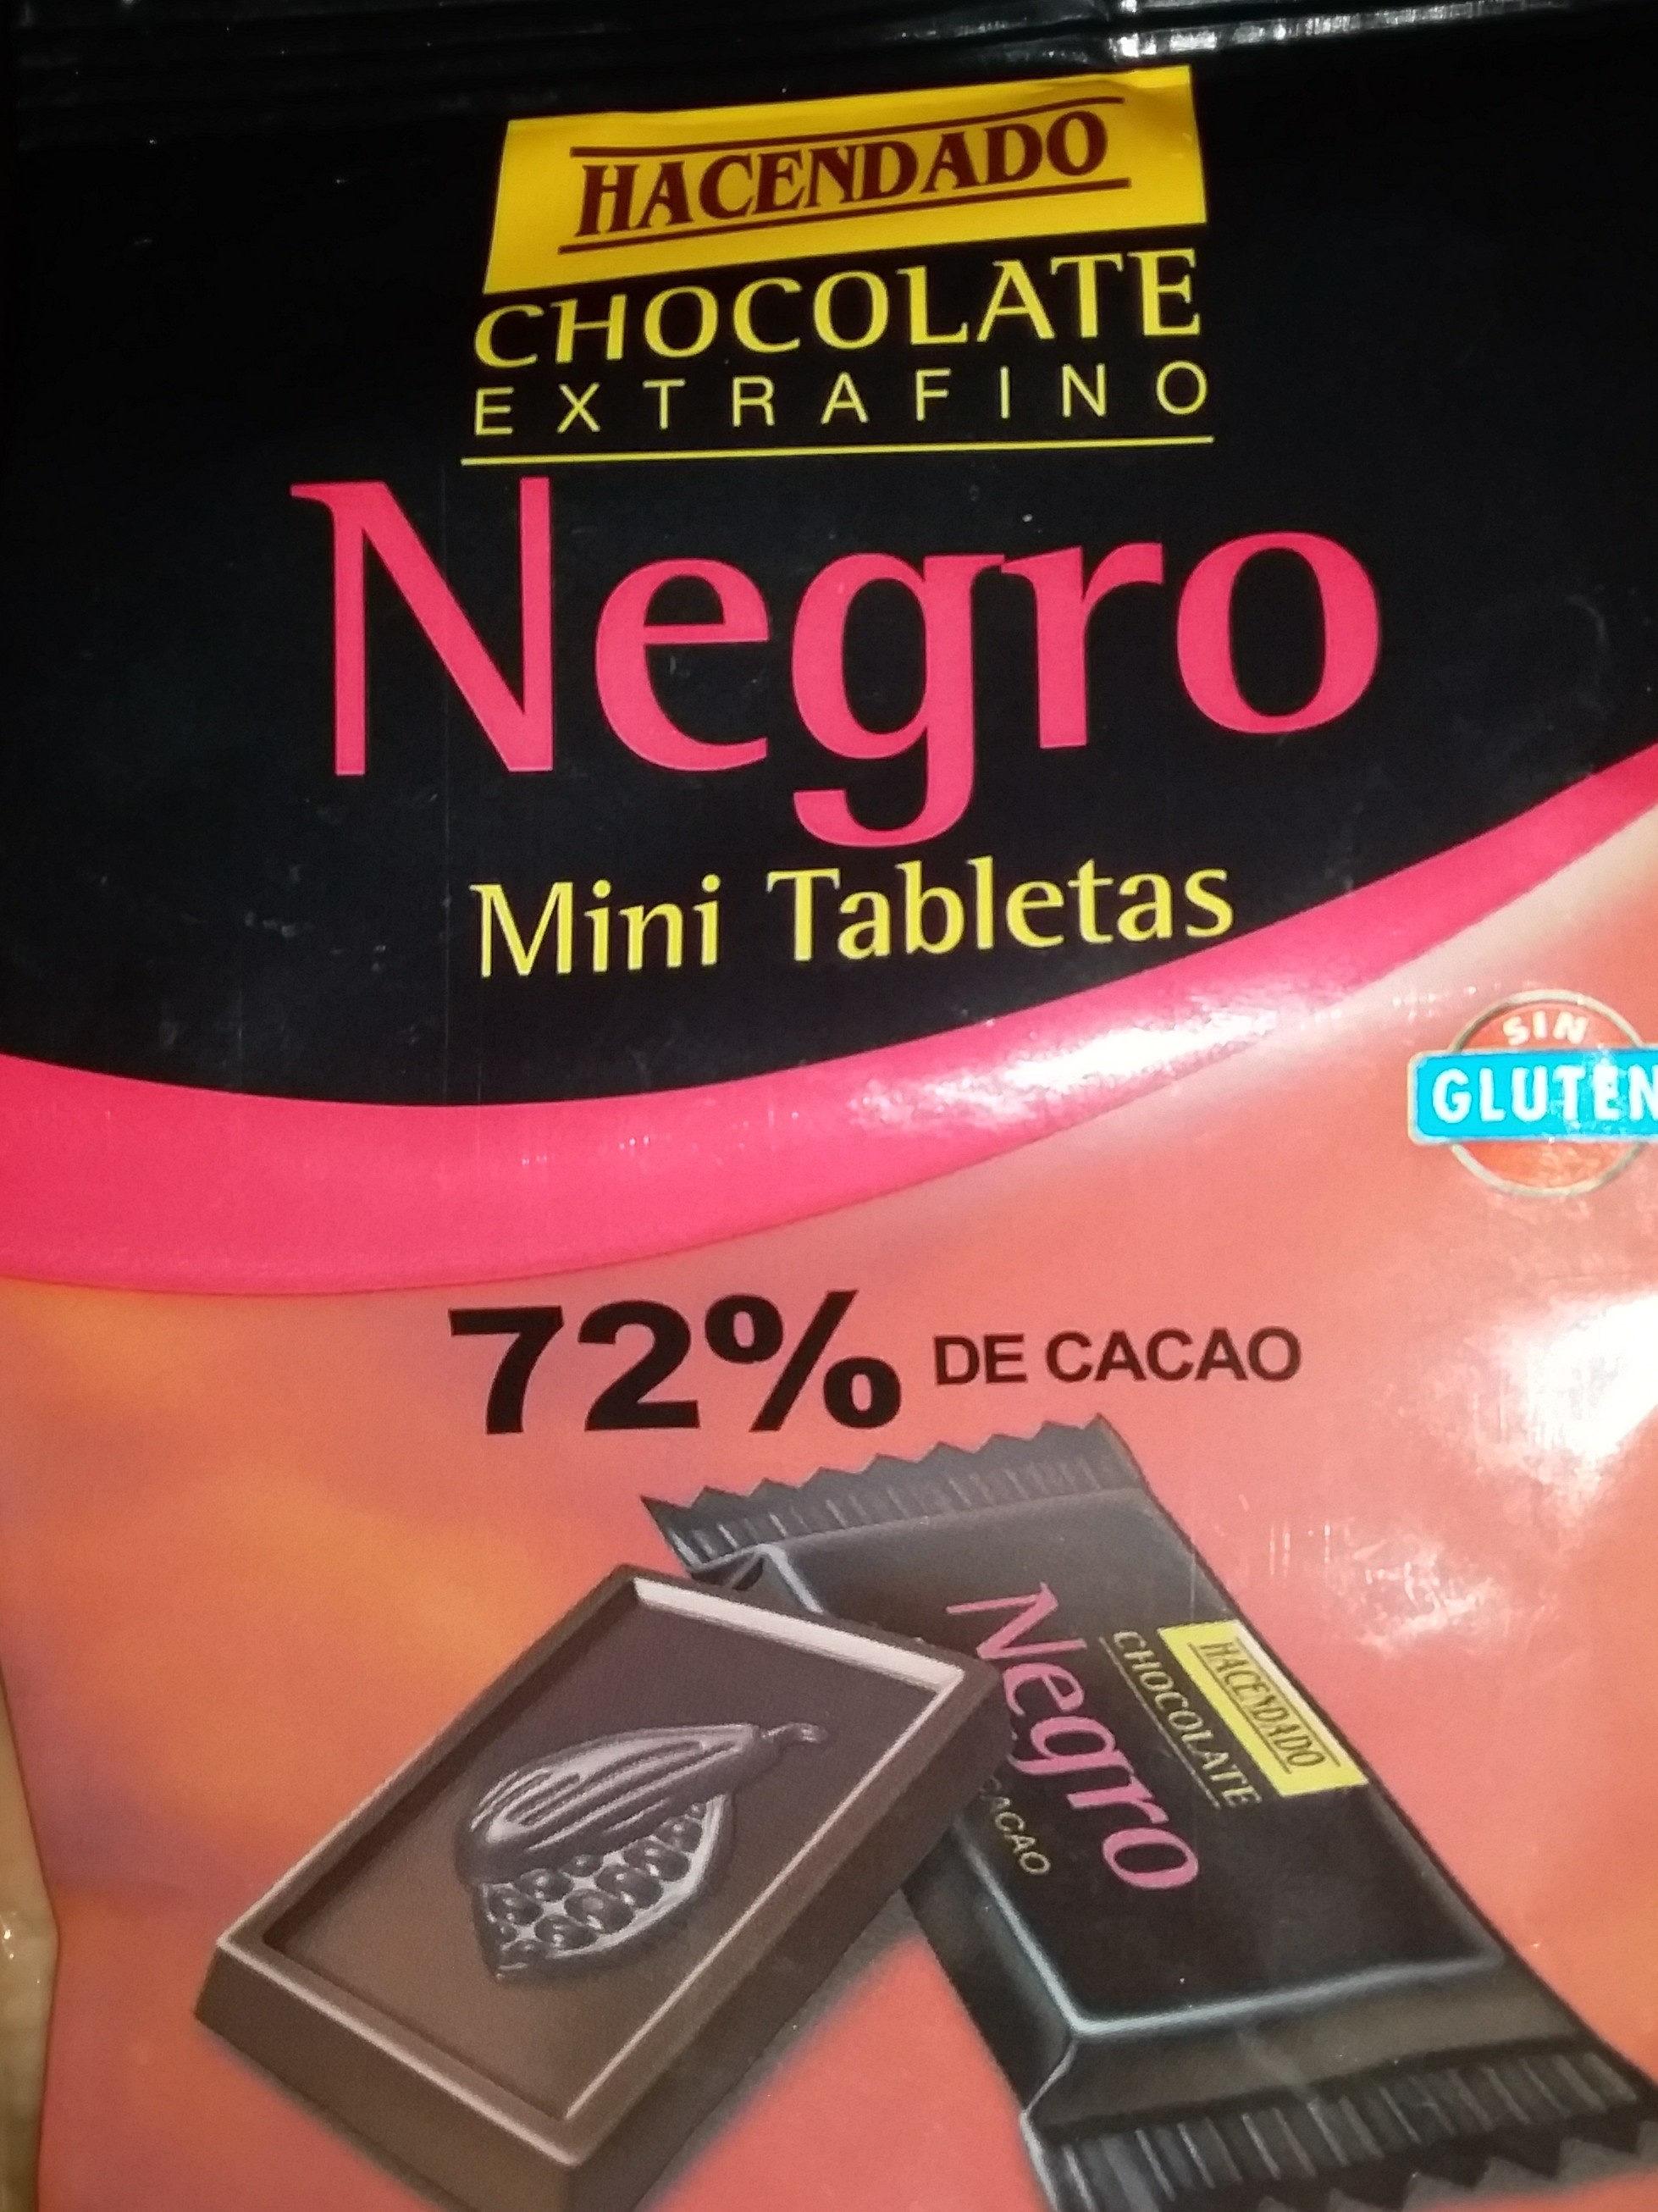 Chocolate extrafino negro mini tabletas - Producte - es